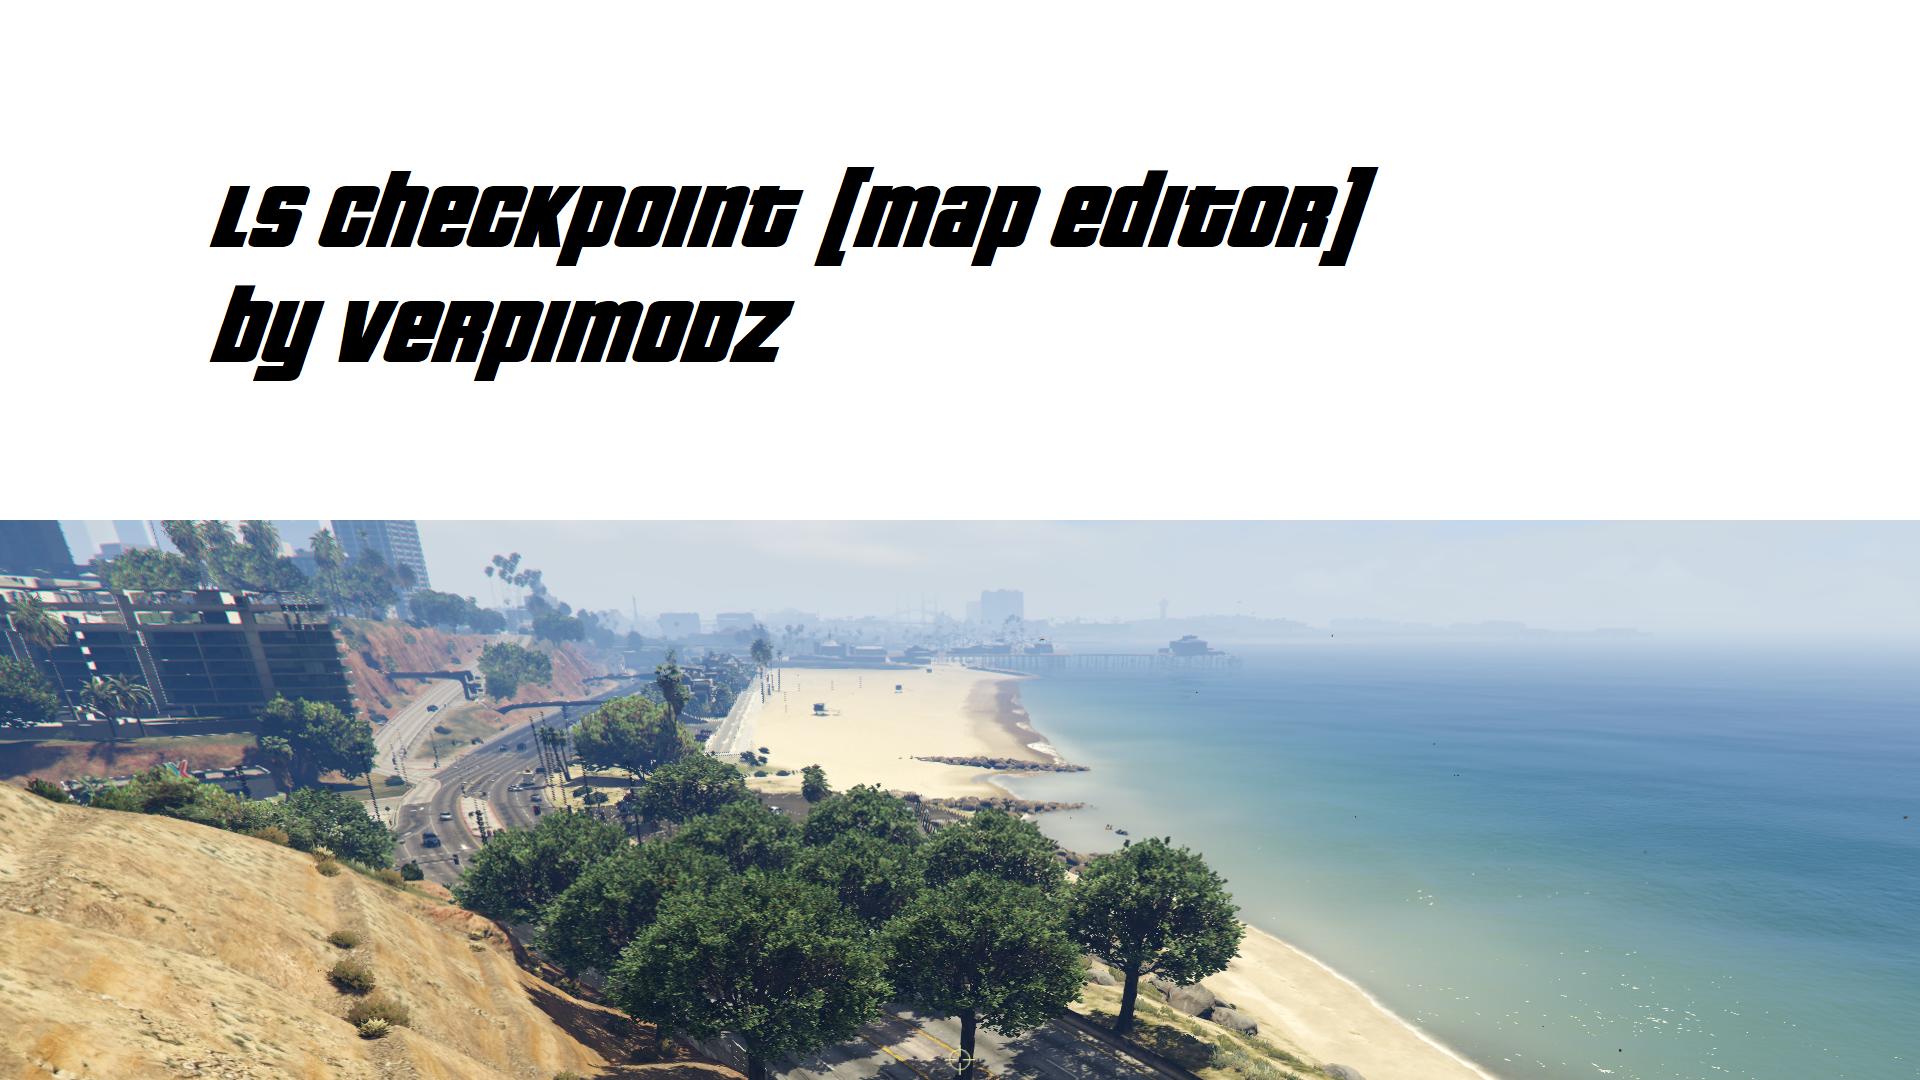 LS Checkpoint - GTA5-Mods com